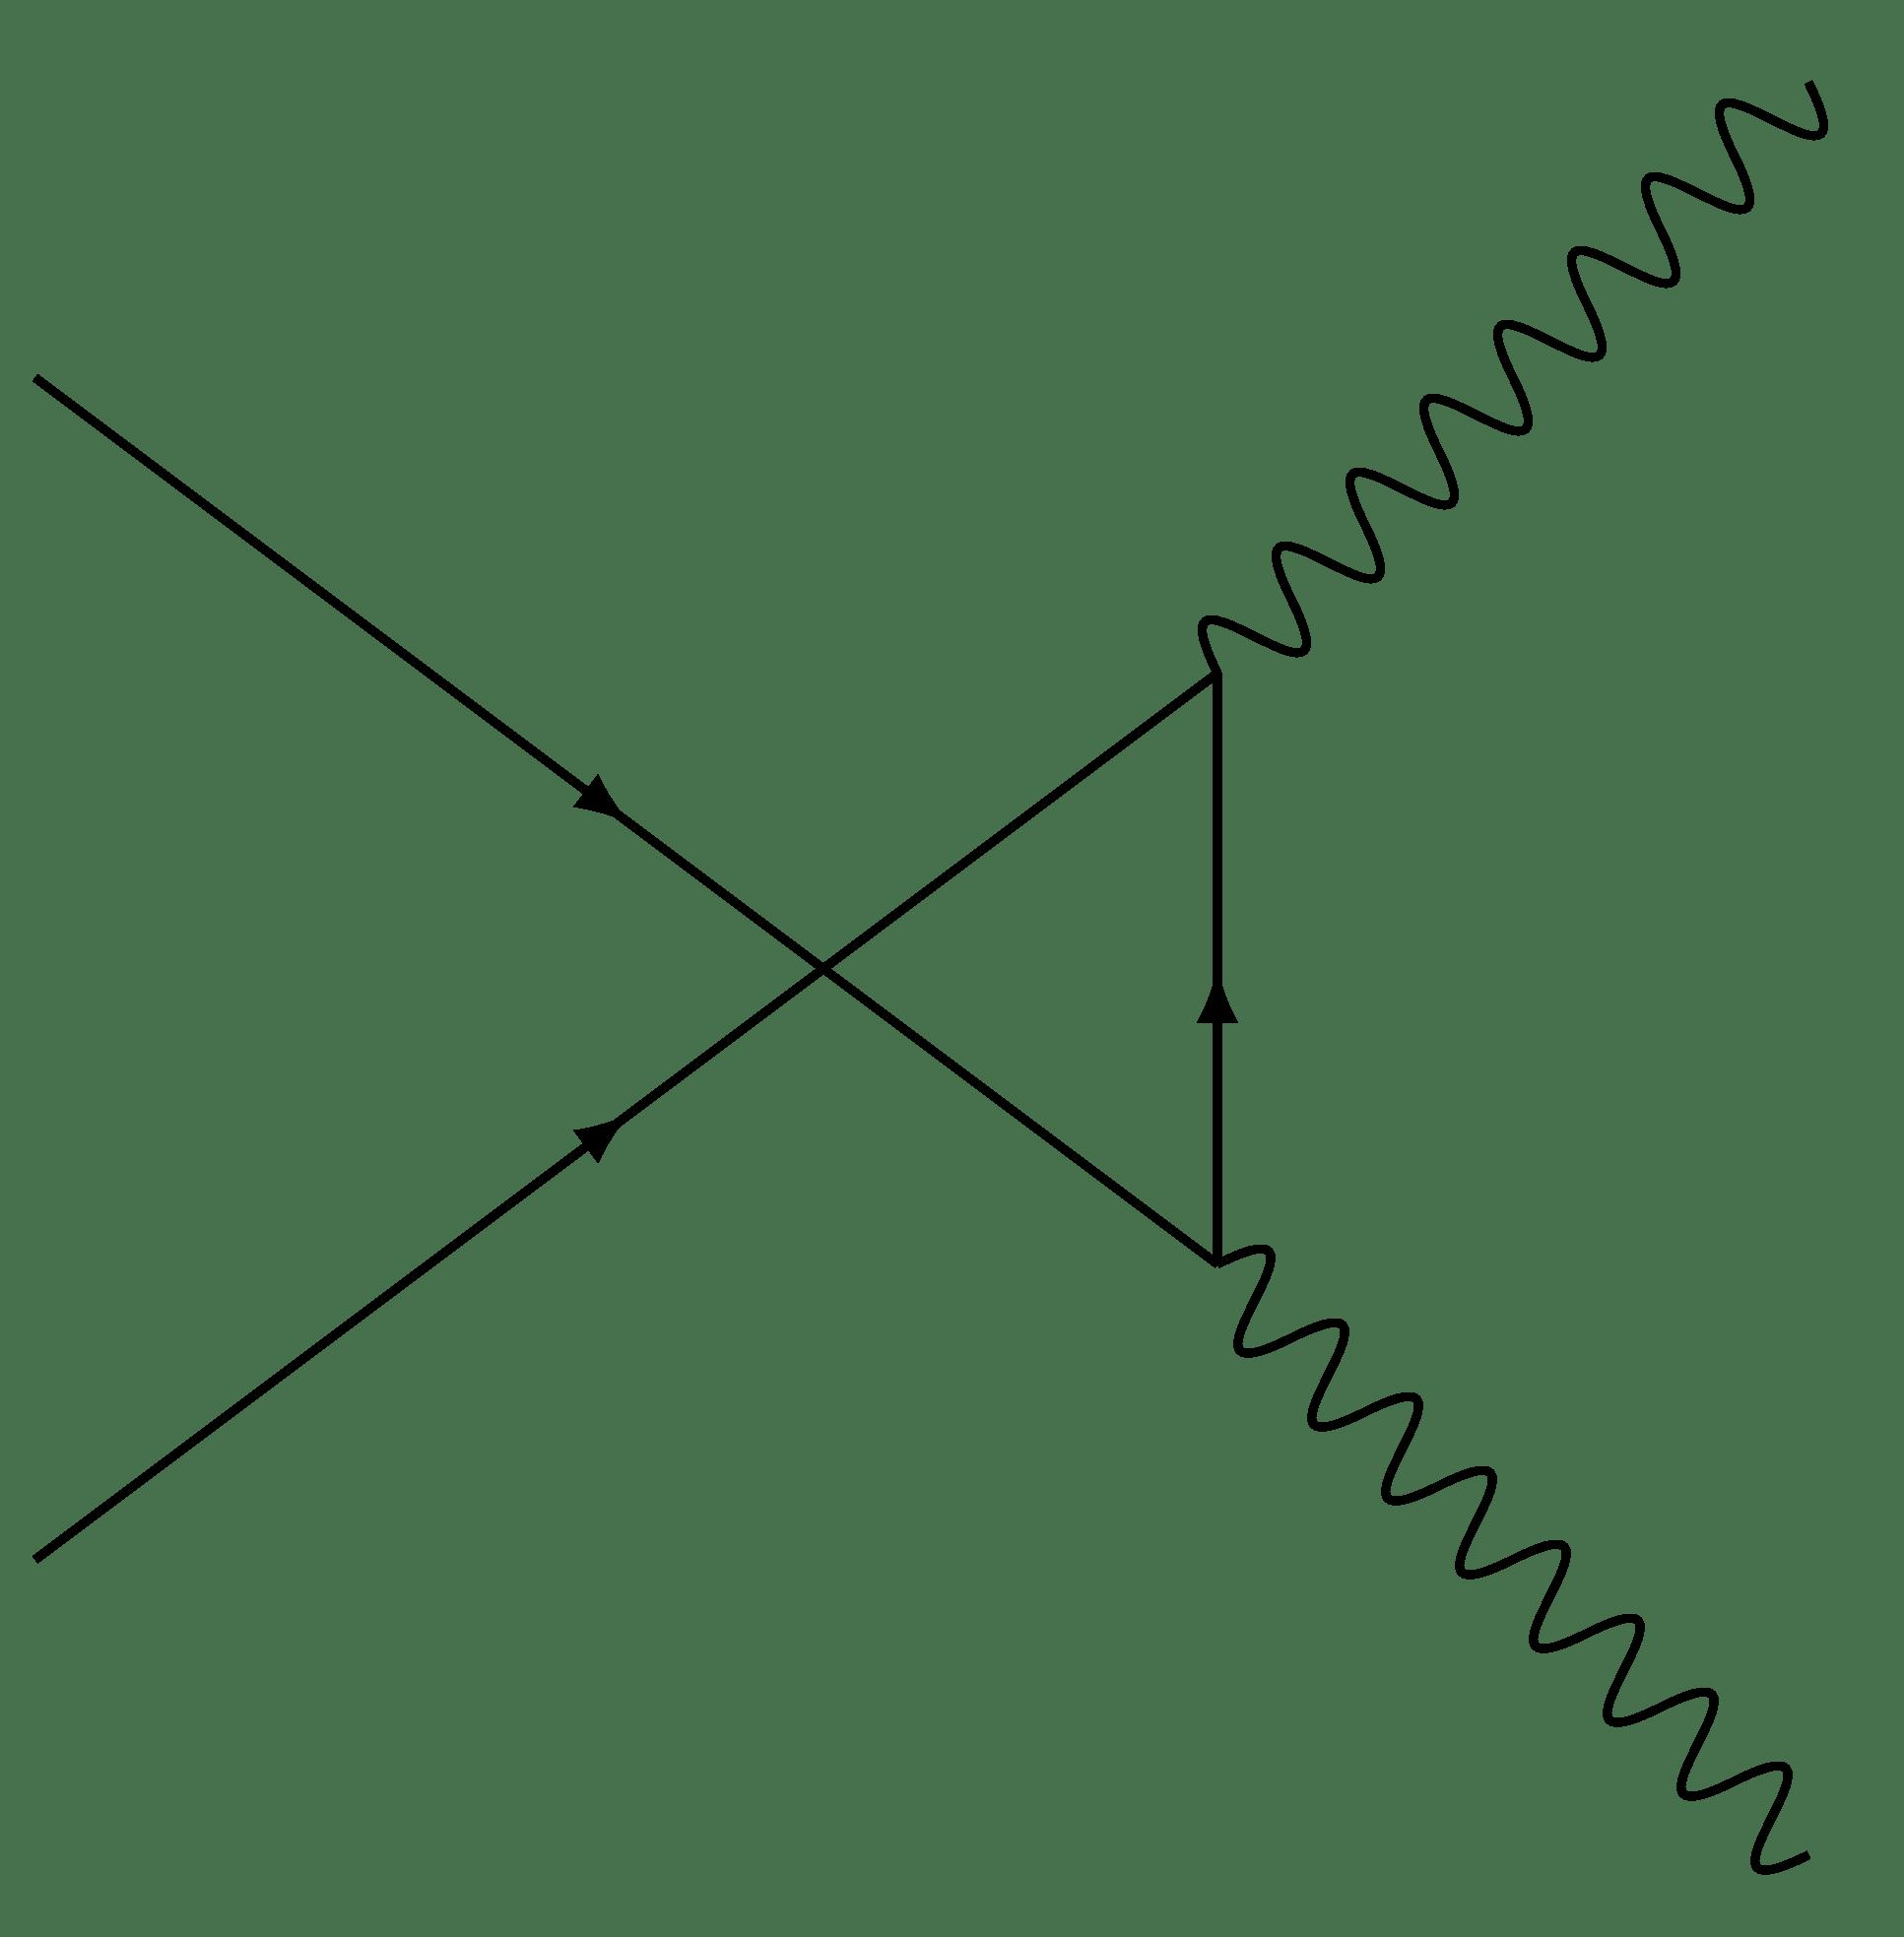 Electron Positron Annihilation Feynman Diagram